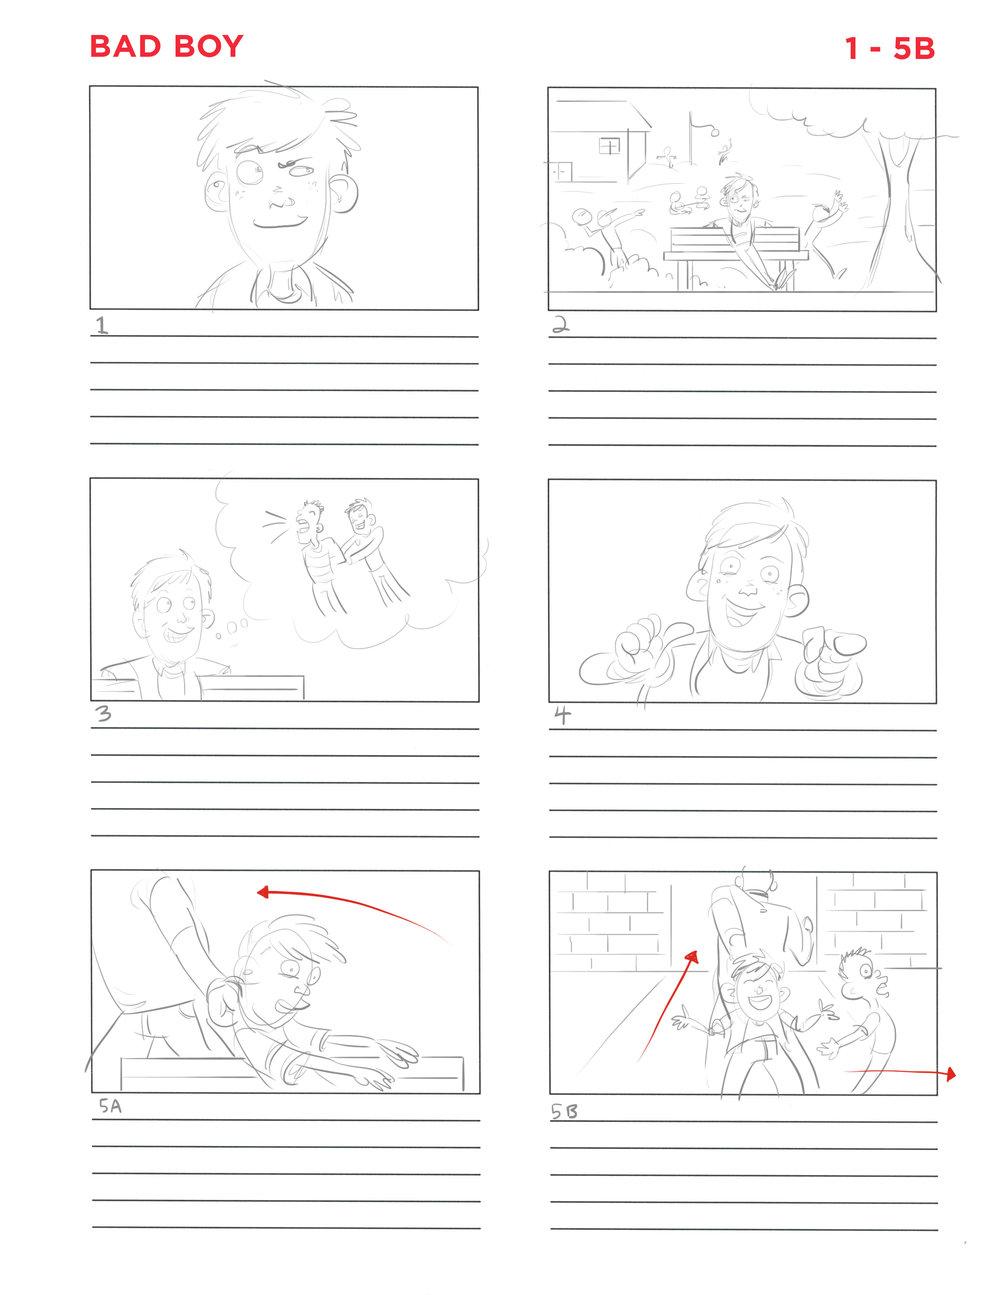 BadBoy-Storyboard-A.jpg